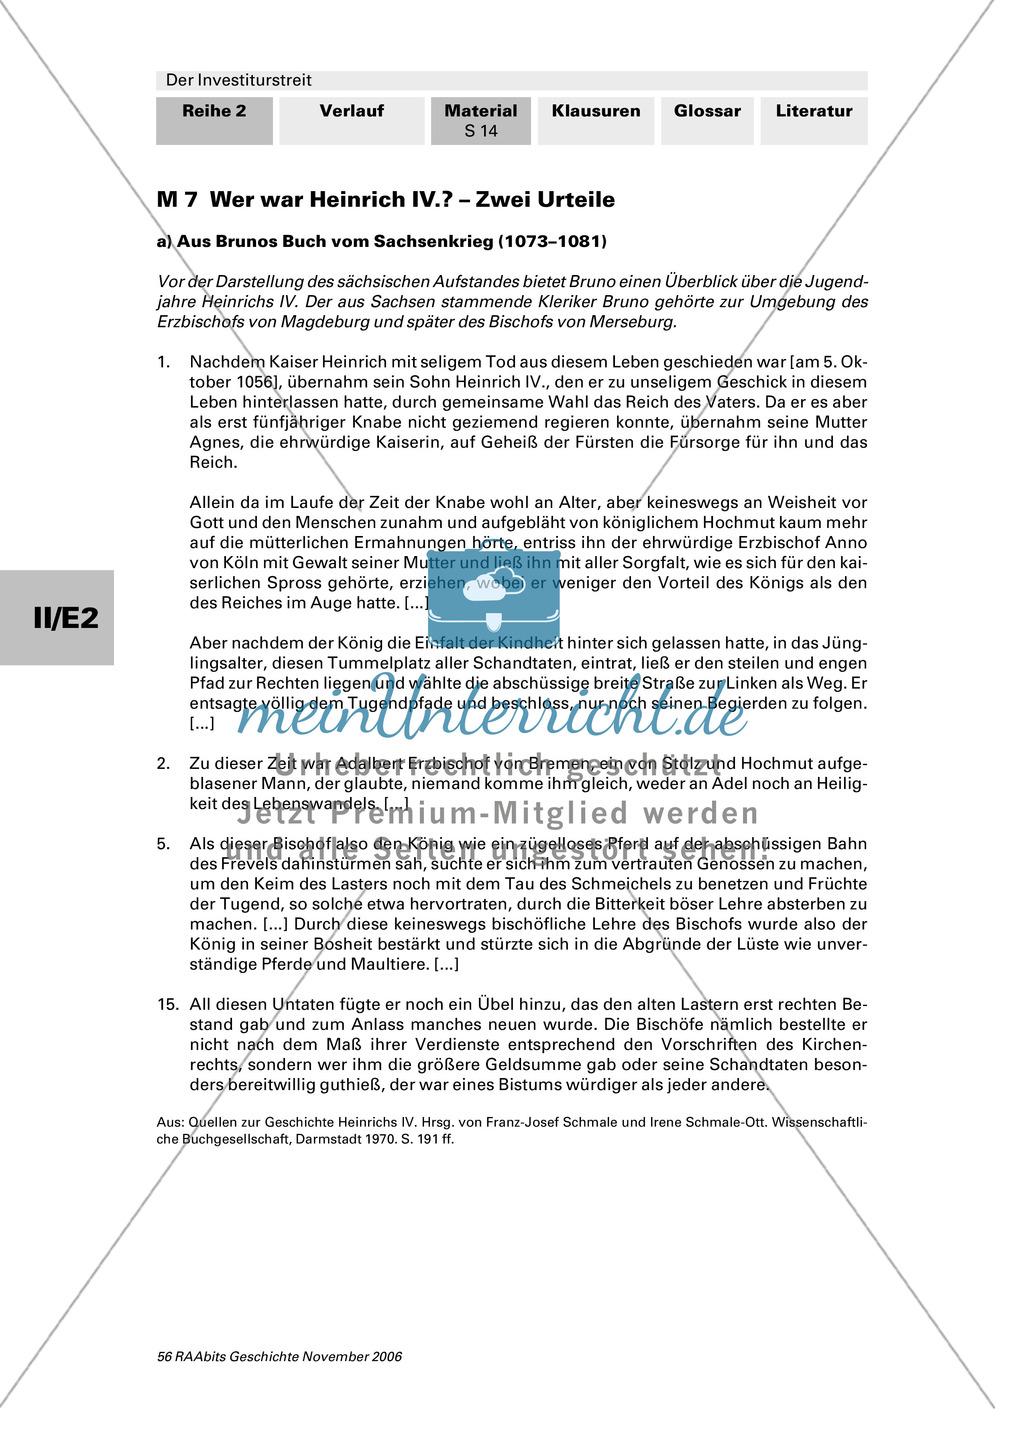 Der Investiturstreit: Der Konflikt zwischen Gregor VII. und Heinrich IV. - personengeschichtliche Hintergründe Preview 1